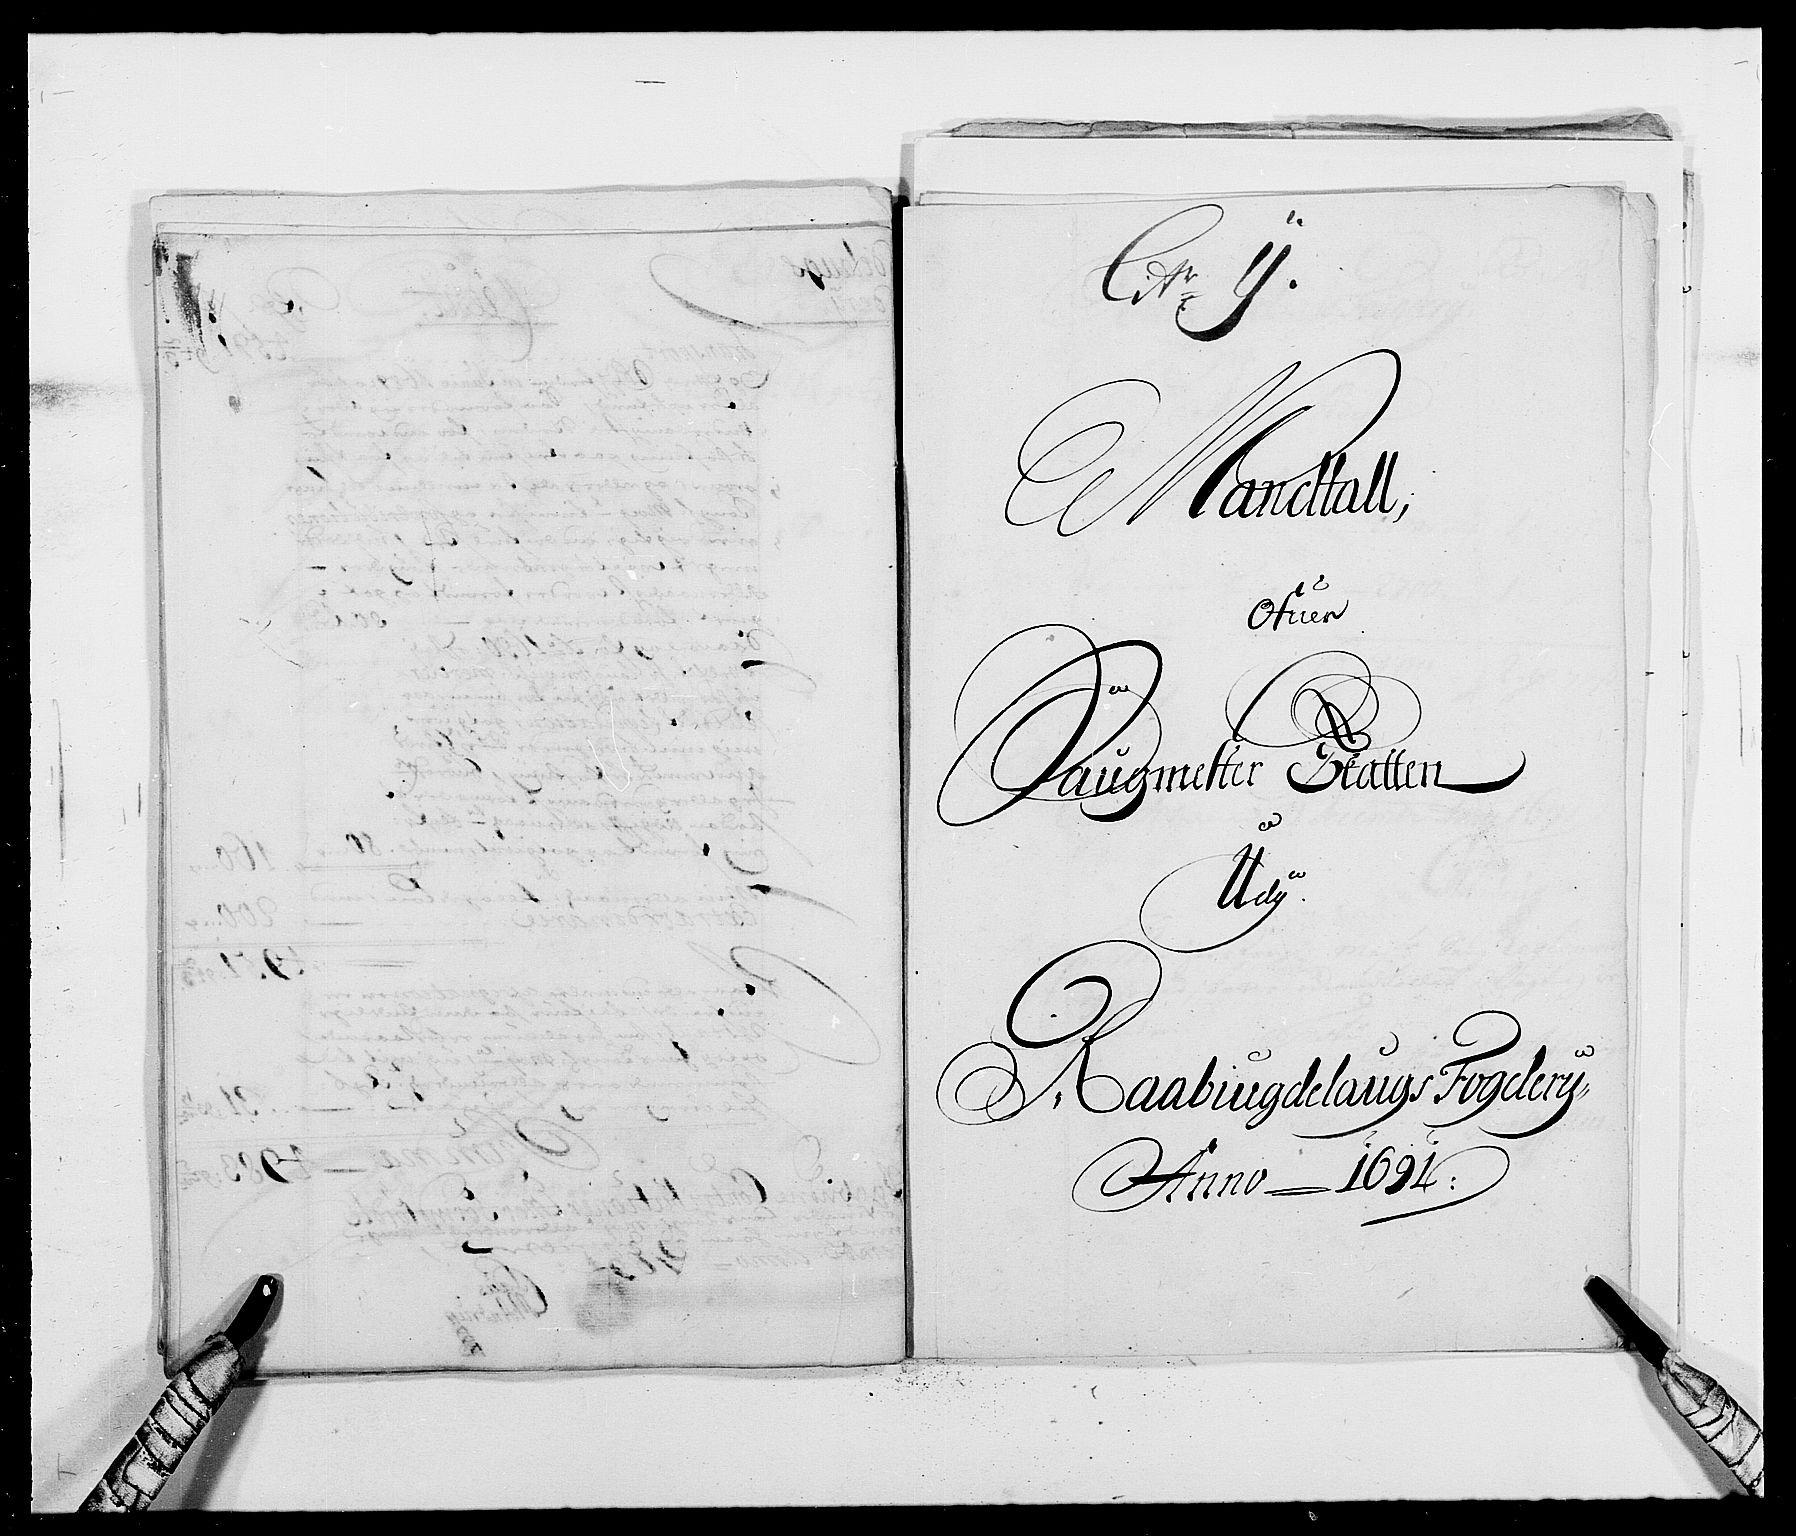 RA, Rentekammeret inntil 1814, Reviderte regnskaper, Fogderegnskap, R40/L2443: Fogderegnskap Råbyggelag, 1691-1692, s. 51